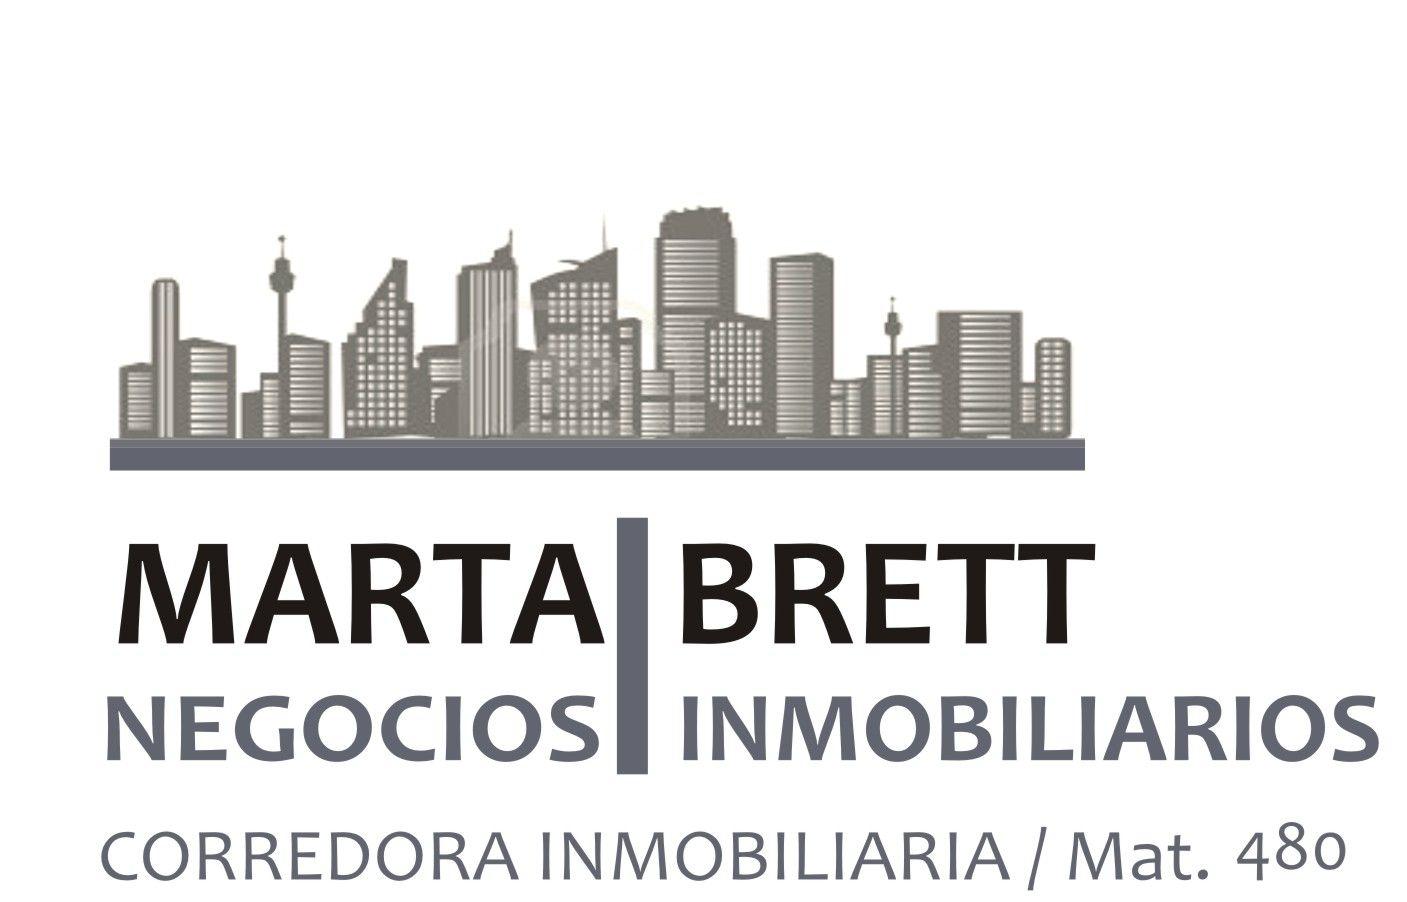 Logo de  Martabrett